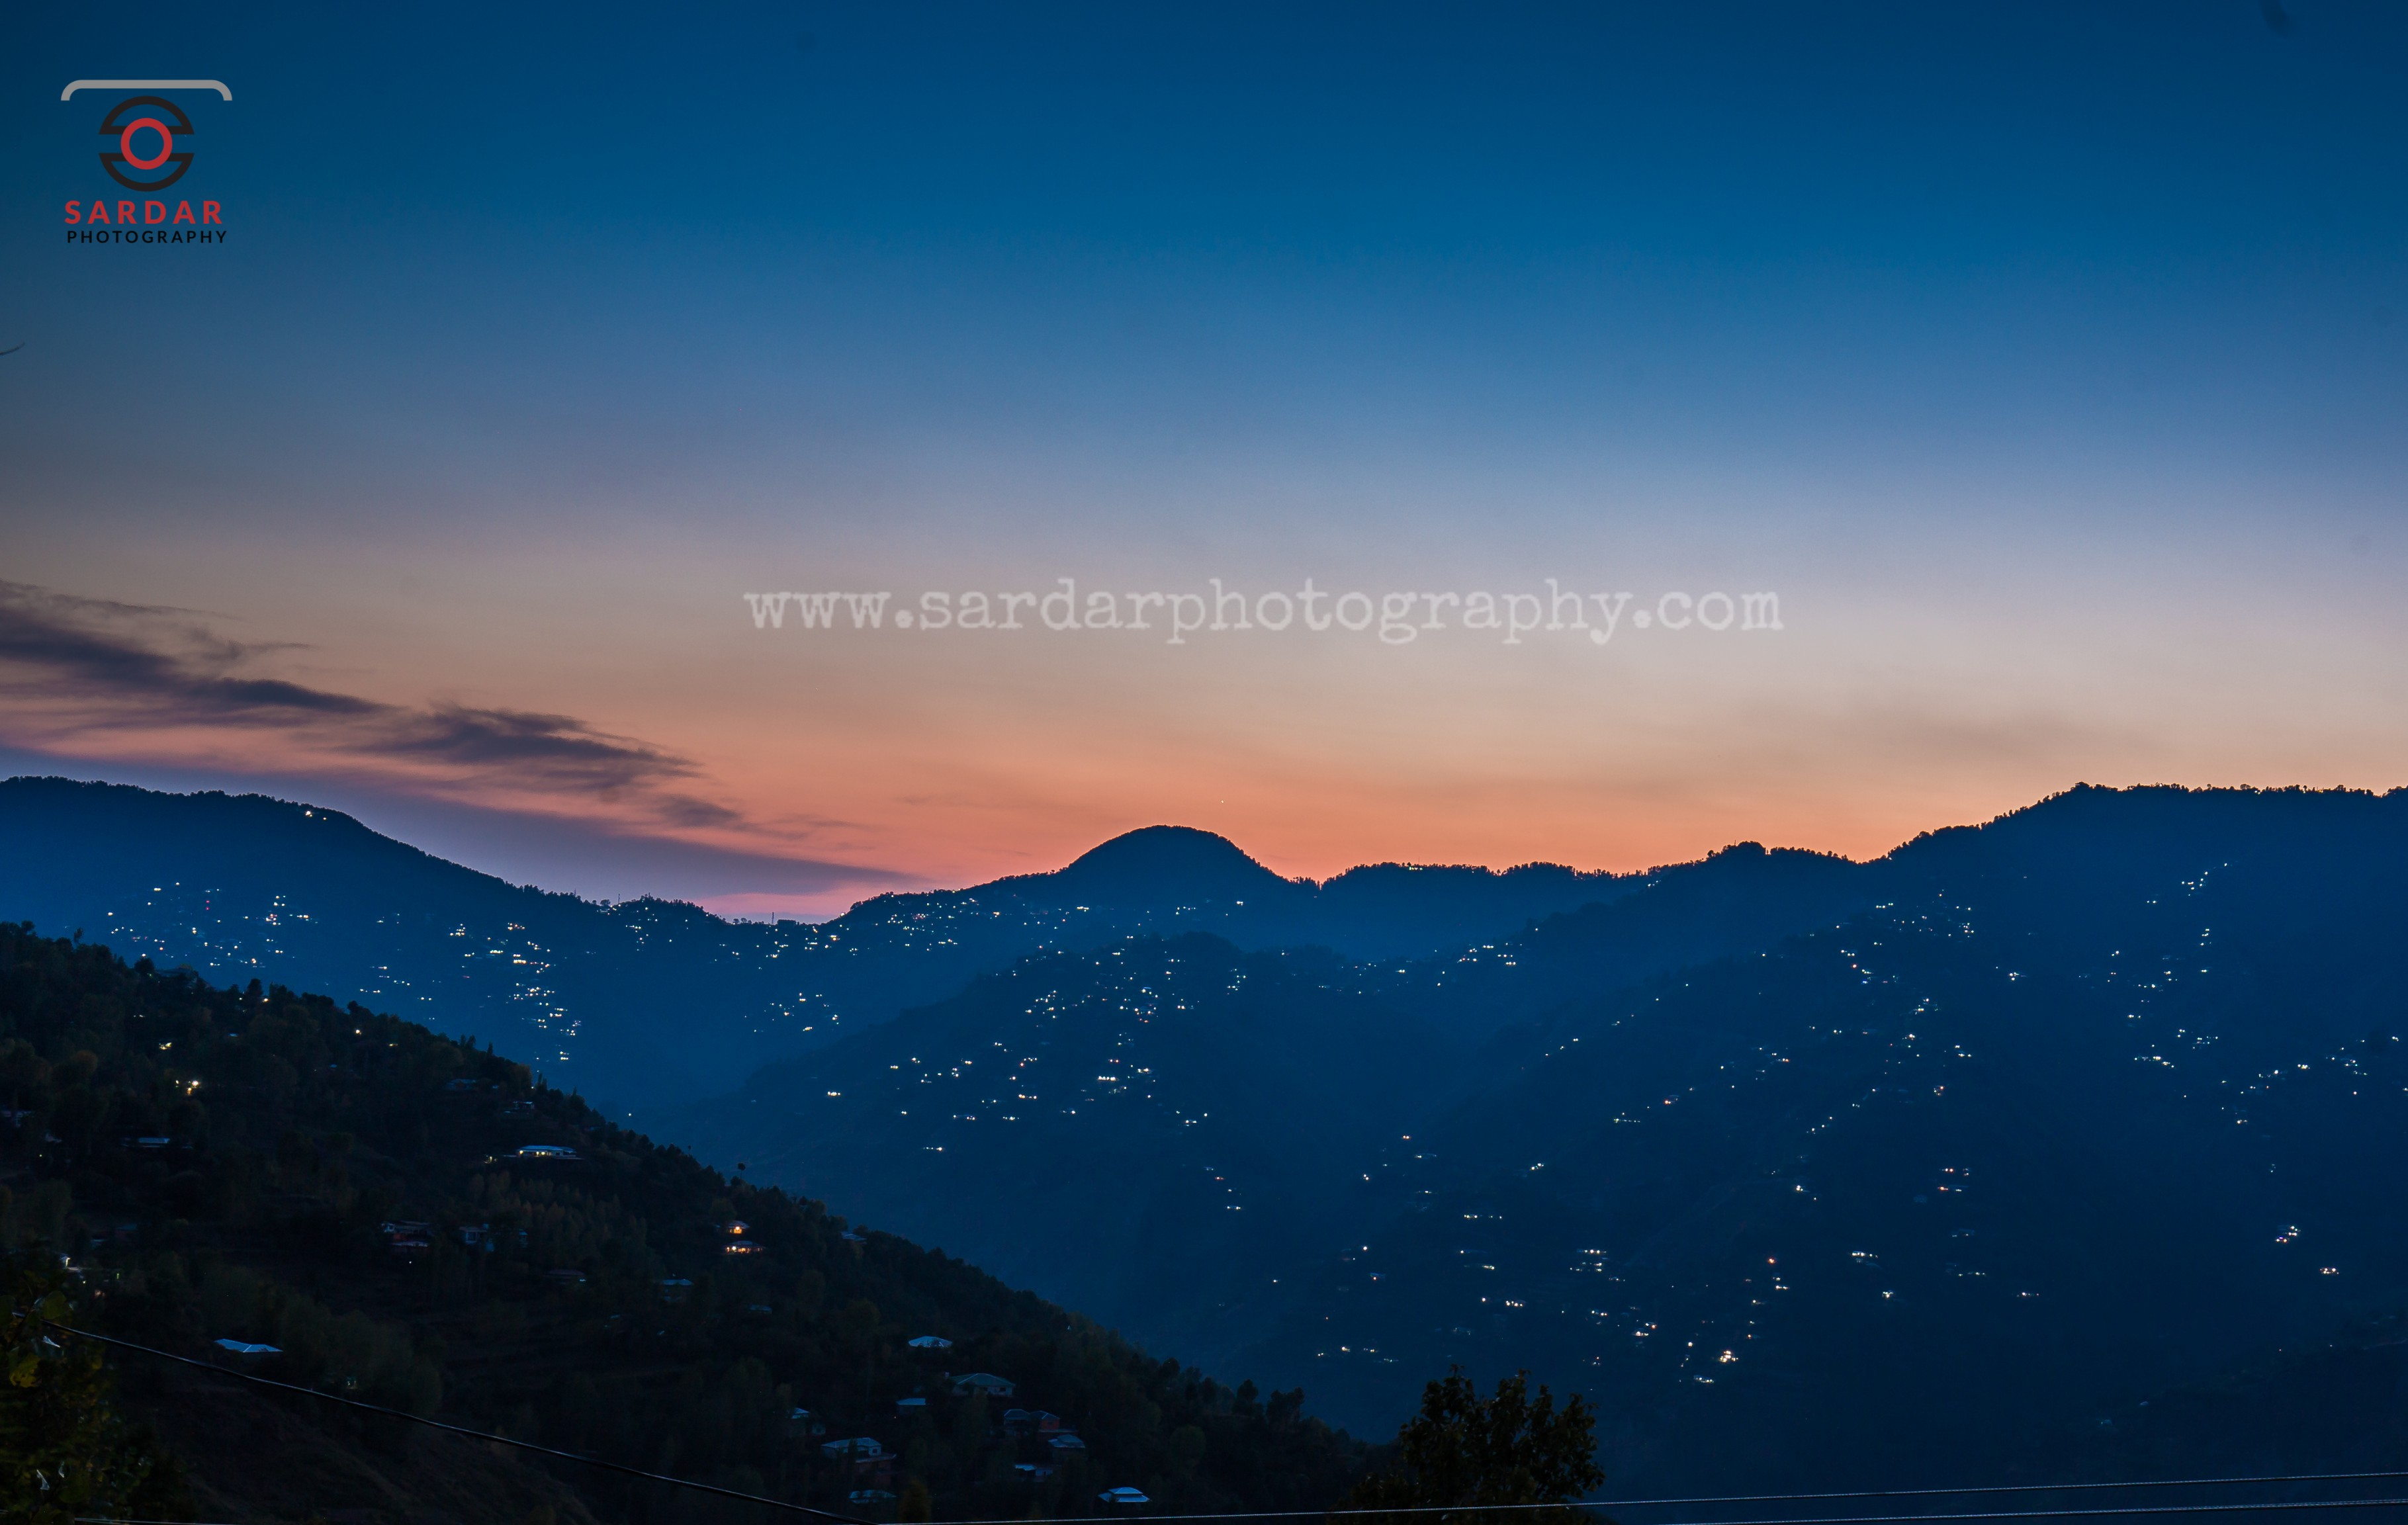 Swat Valley KPK